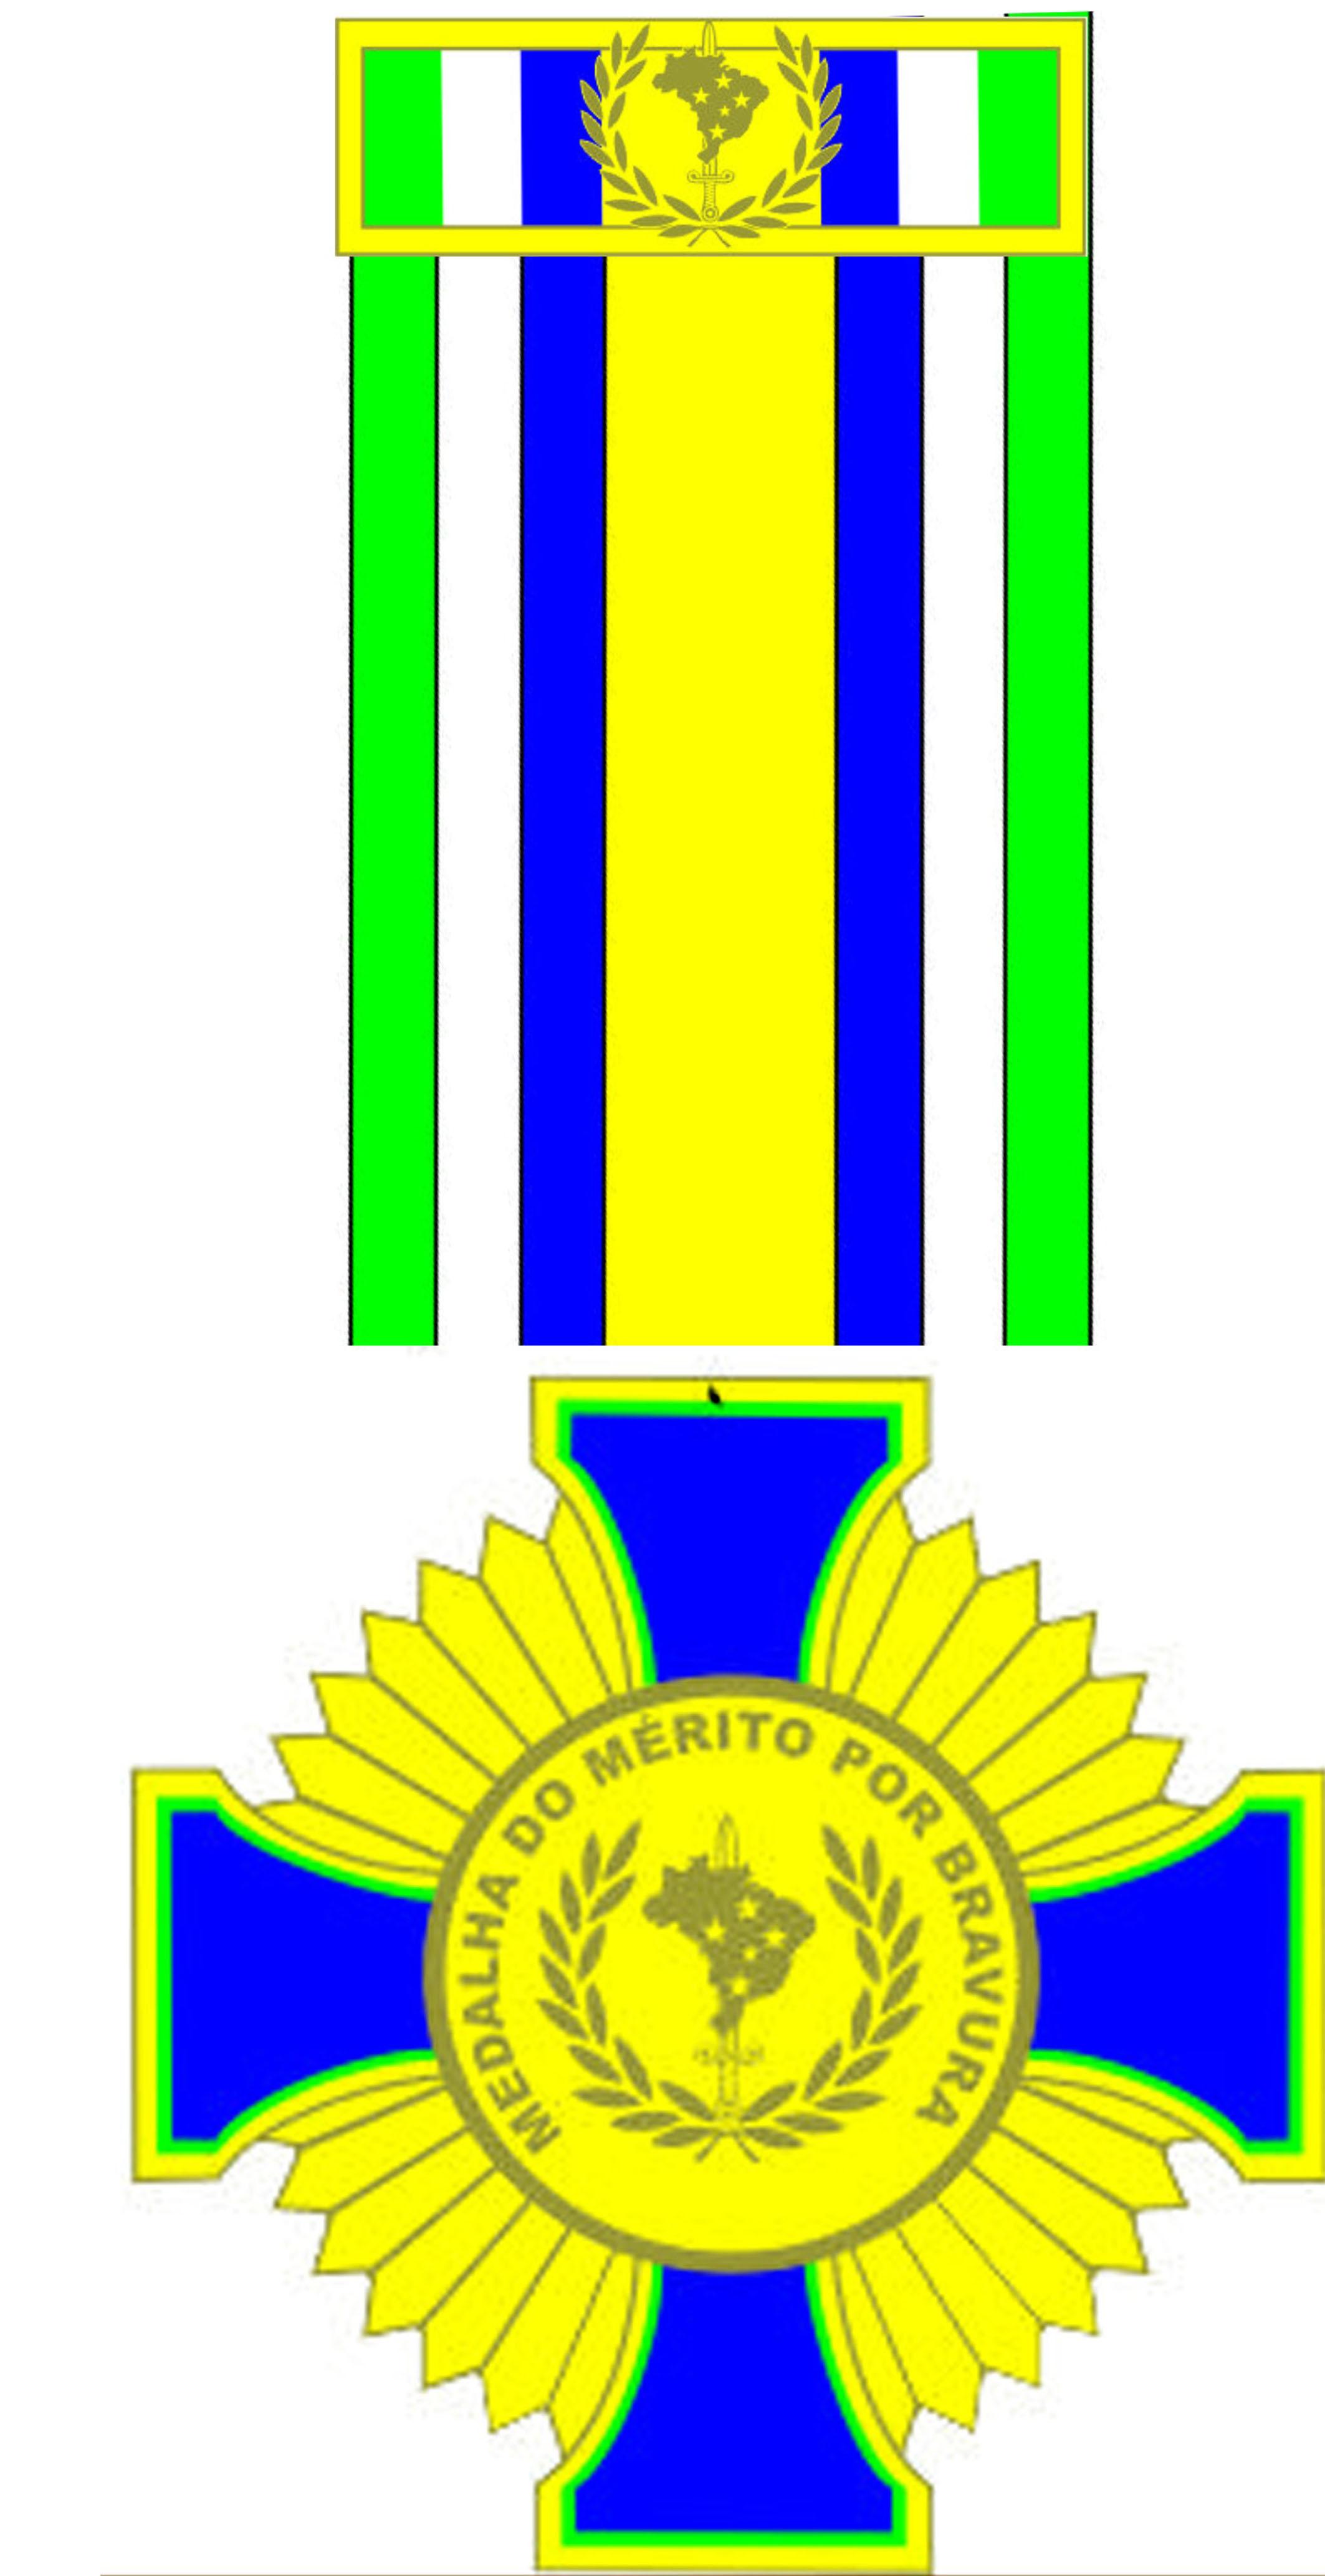 16 - Medalha por Mérito de Bravura